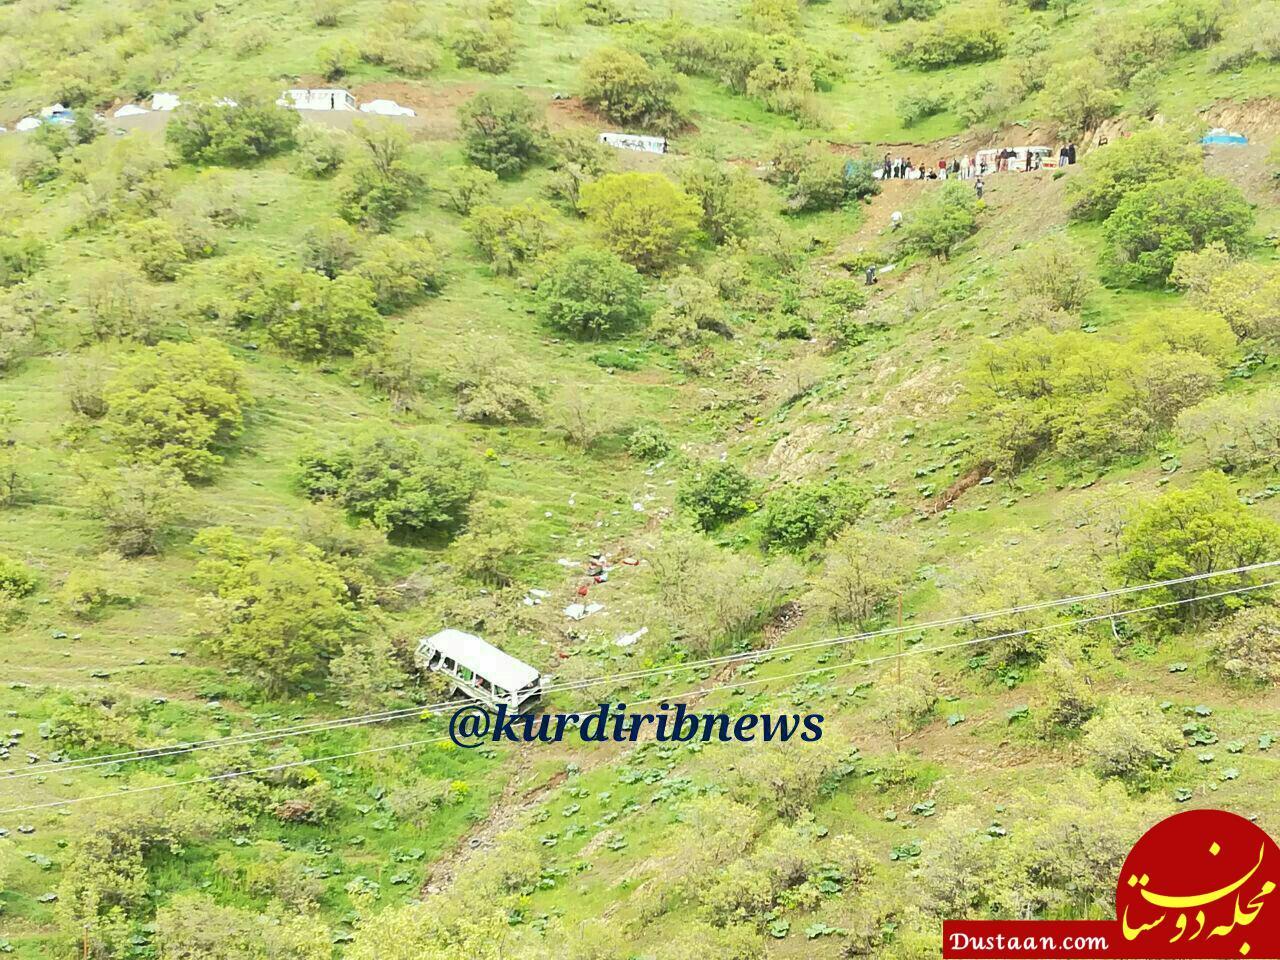 www.dustaan.com 2 کشته و 11 زخمی در واژگونی مینی بوس روستای اسلام دشت +عکس